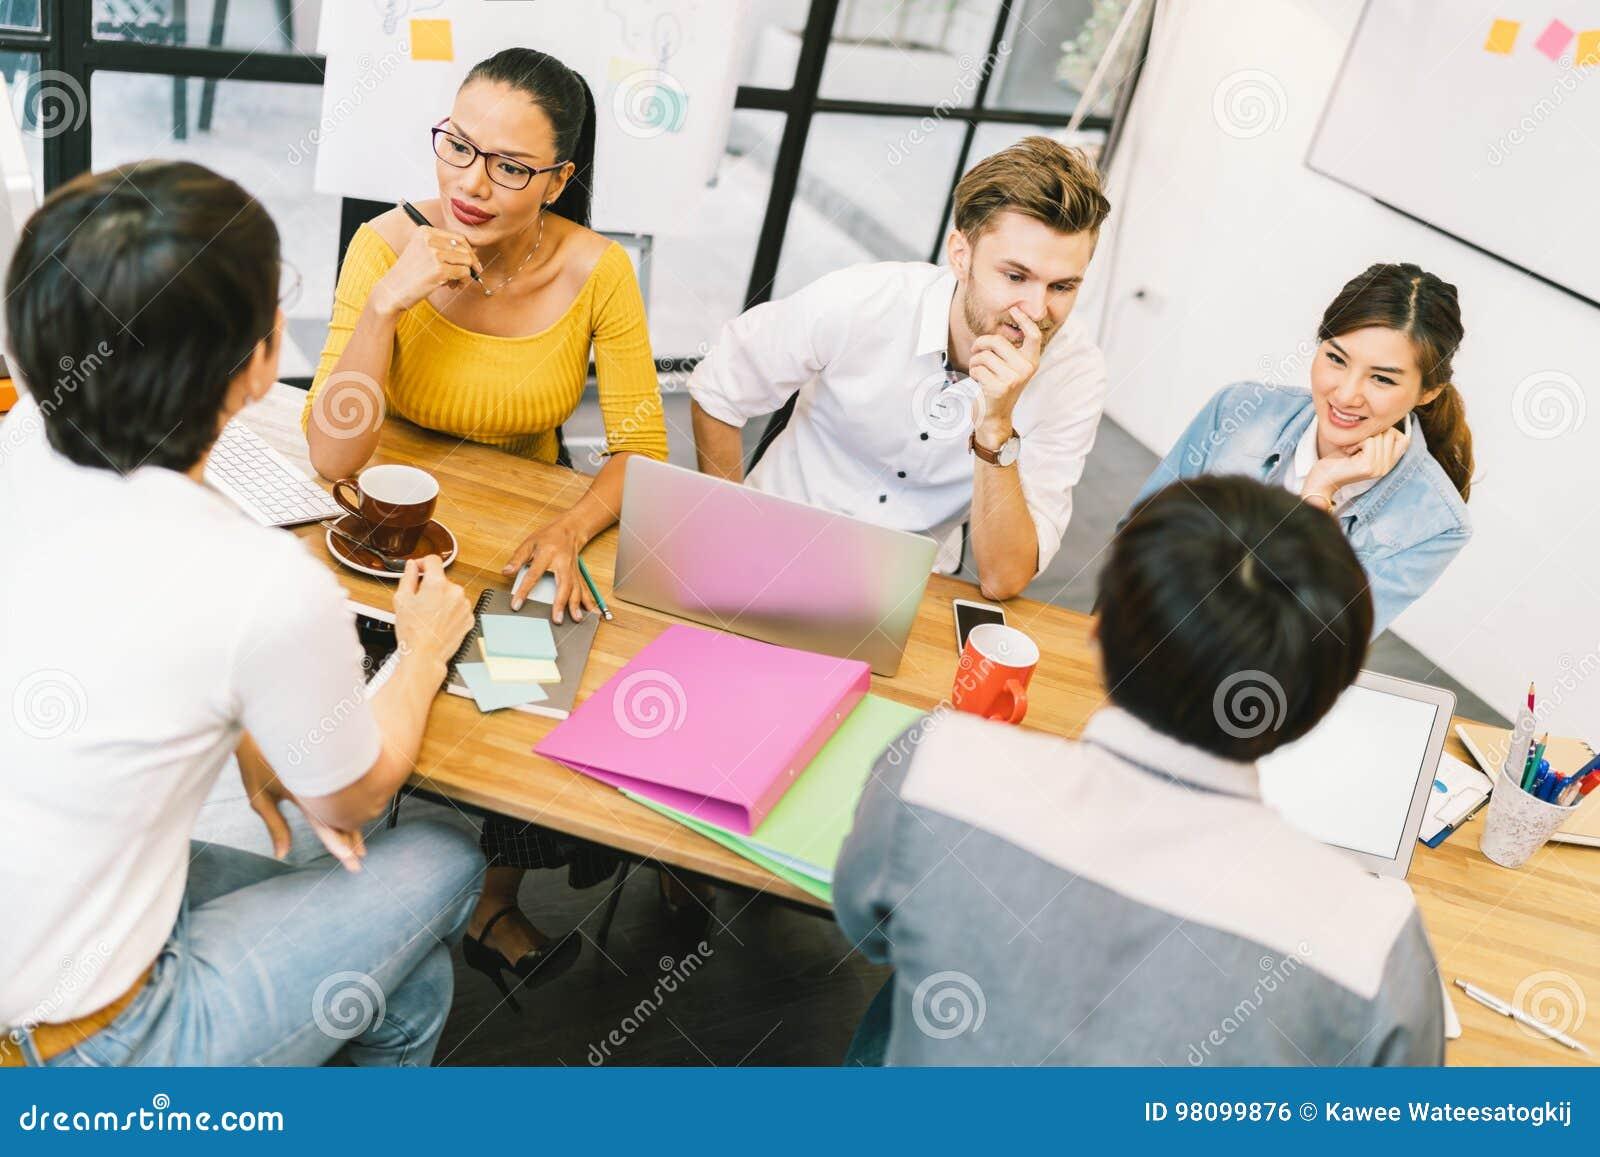 Multietnisk olik grupp människor på arbete Idérikt lag, tillfällig affärscoworker eller högskolestudenter i projektmöte